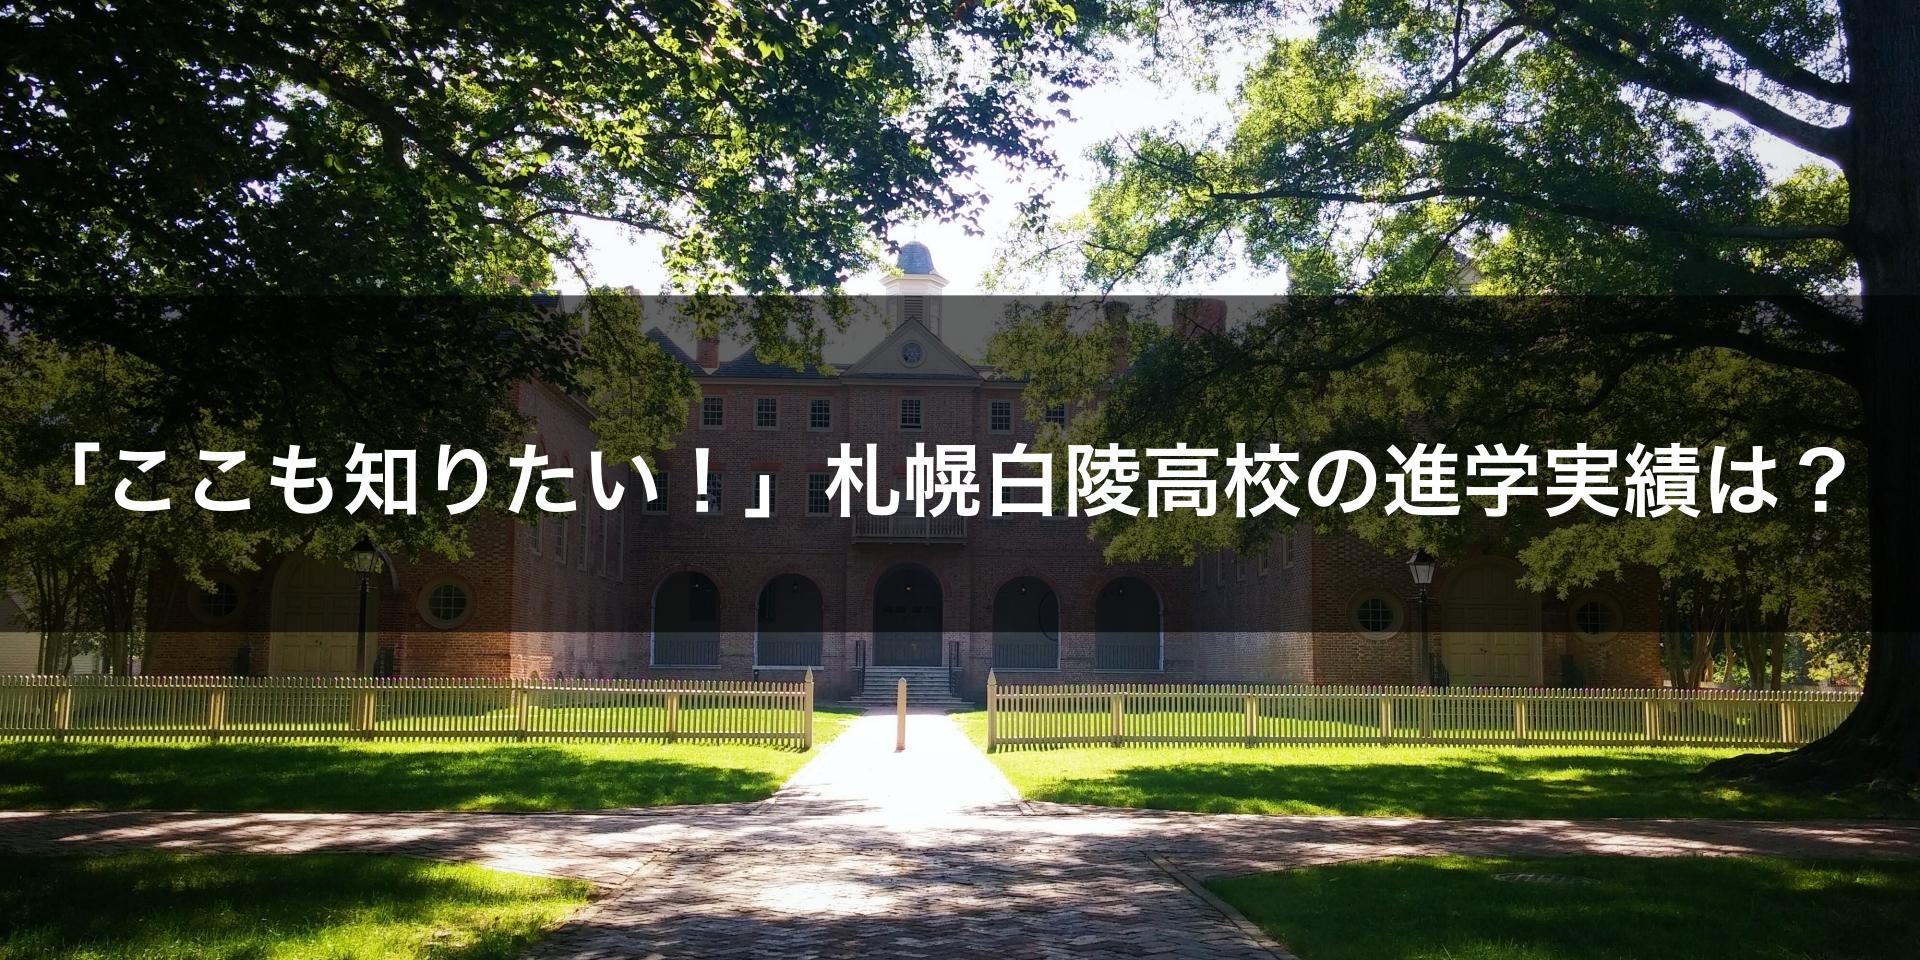 「ここも知りたい!」札幌白陵高校の進学実績は?